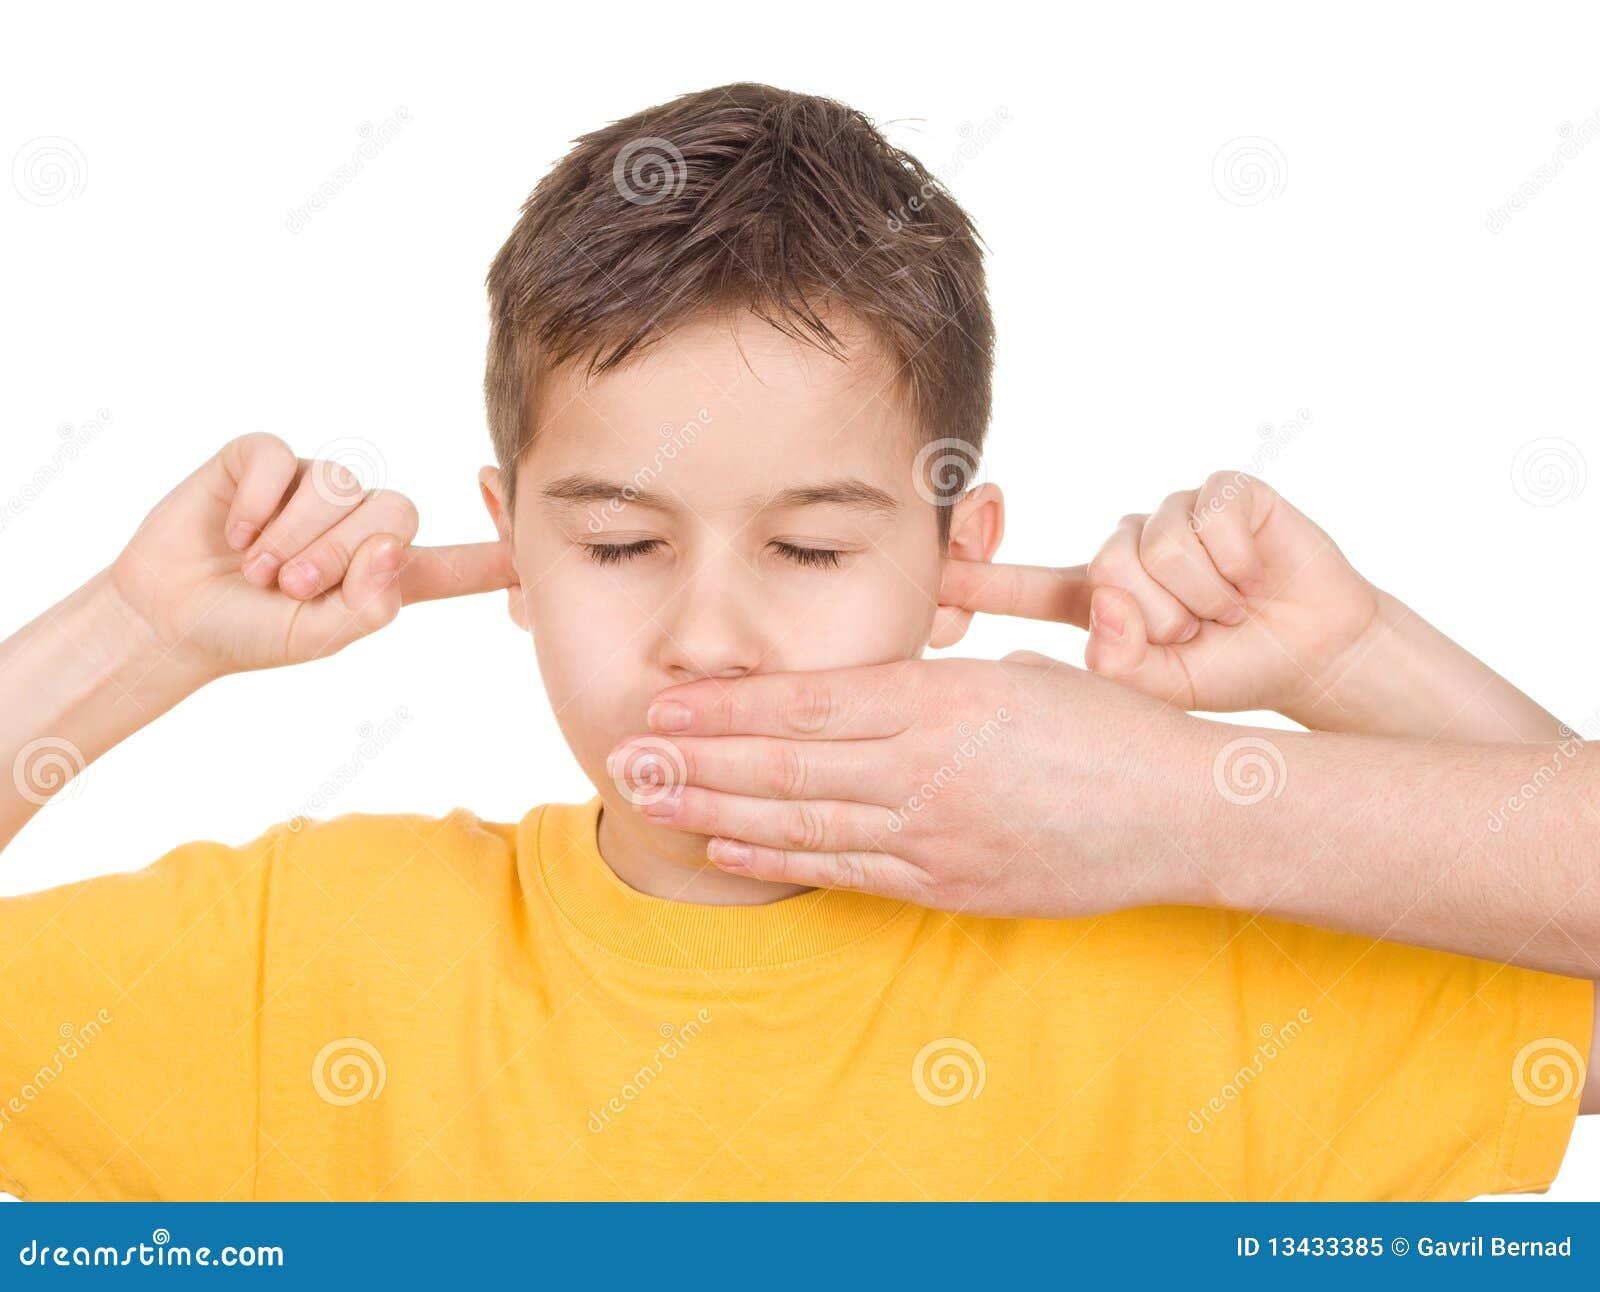 how to speak to a boy